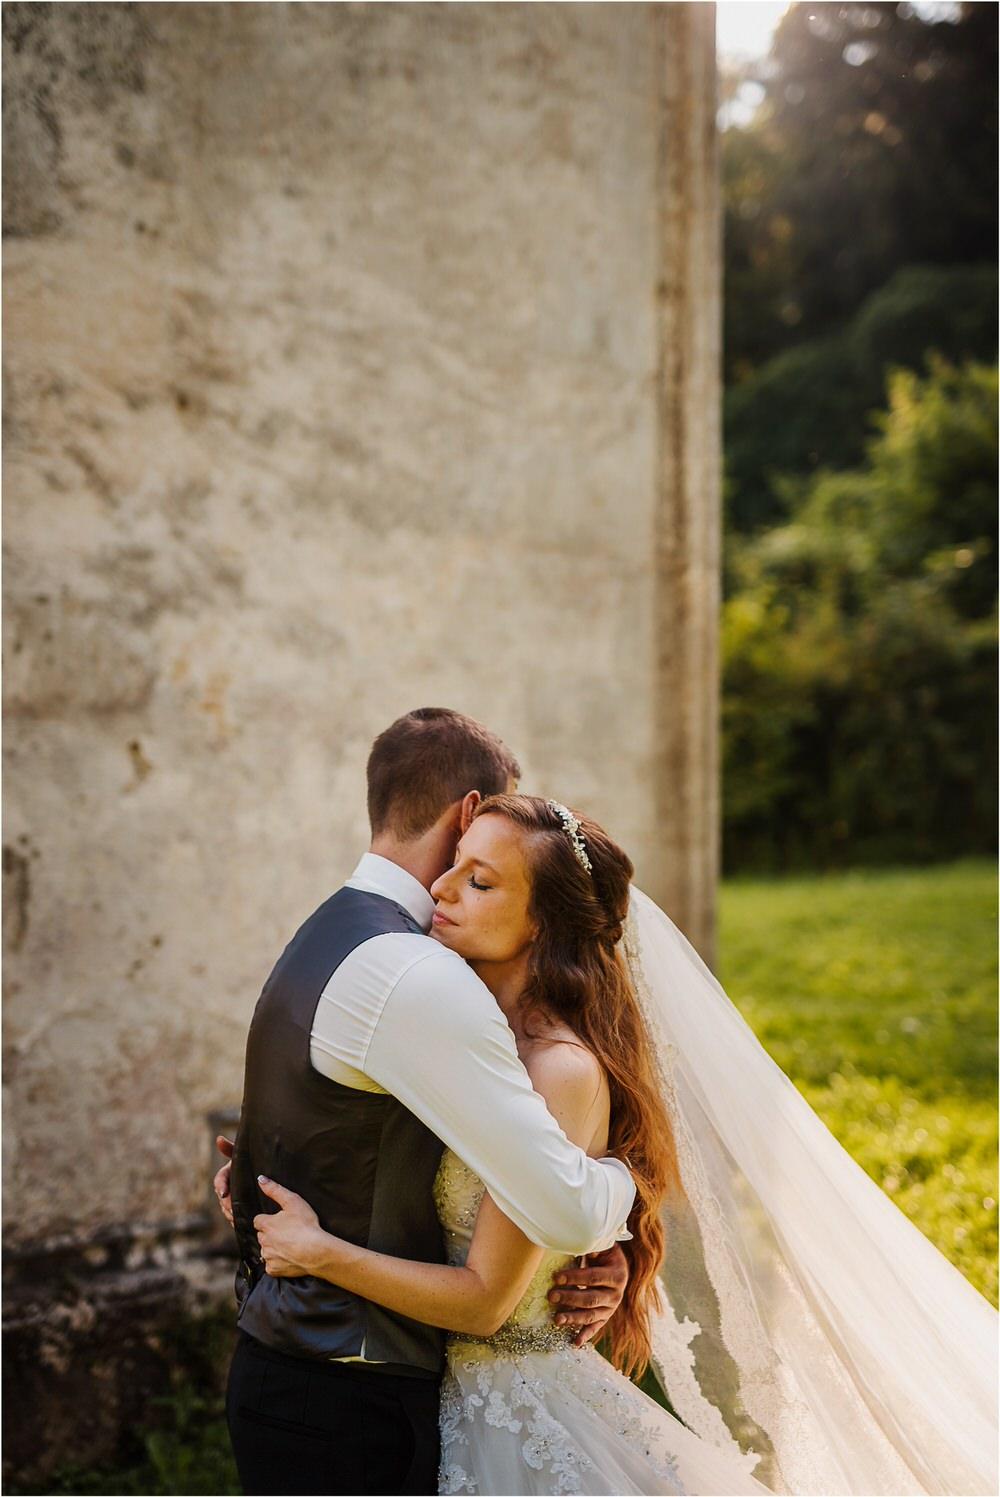 zicka kartuzija poroka porocni fotograf fotografija luka in ben loce elegantna poroka slovenski porocni fotograf  0086.jpg